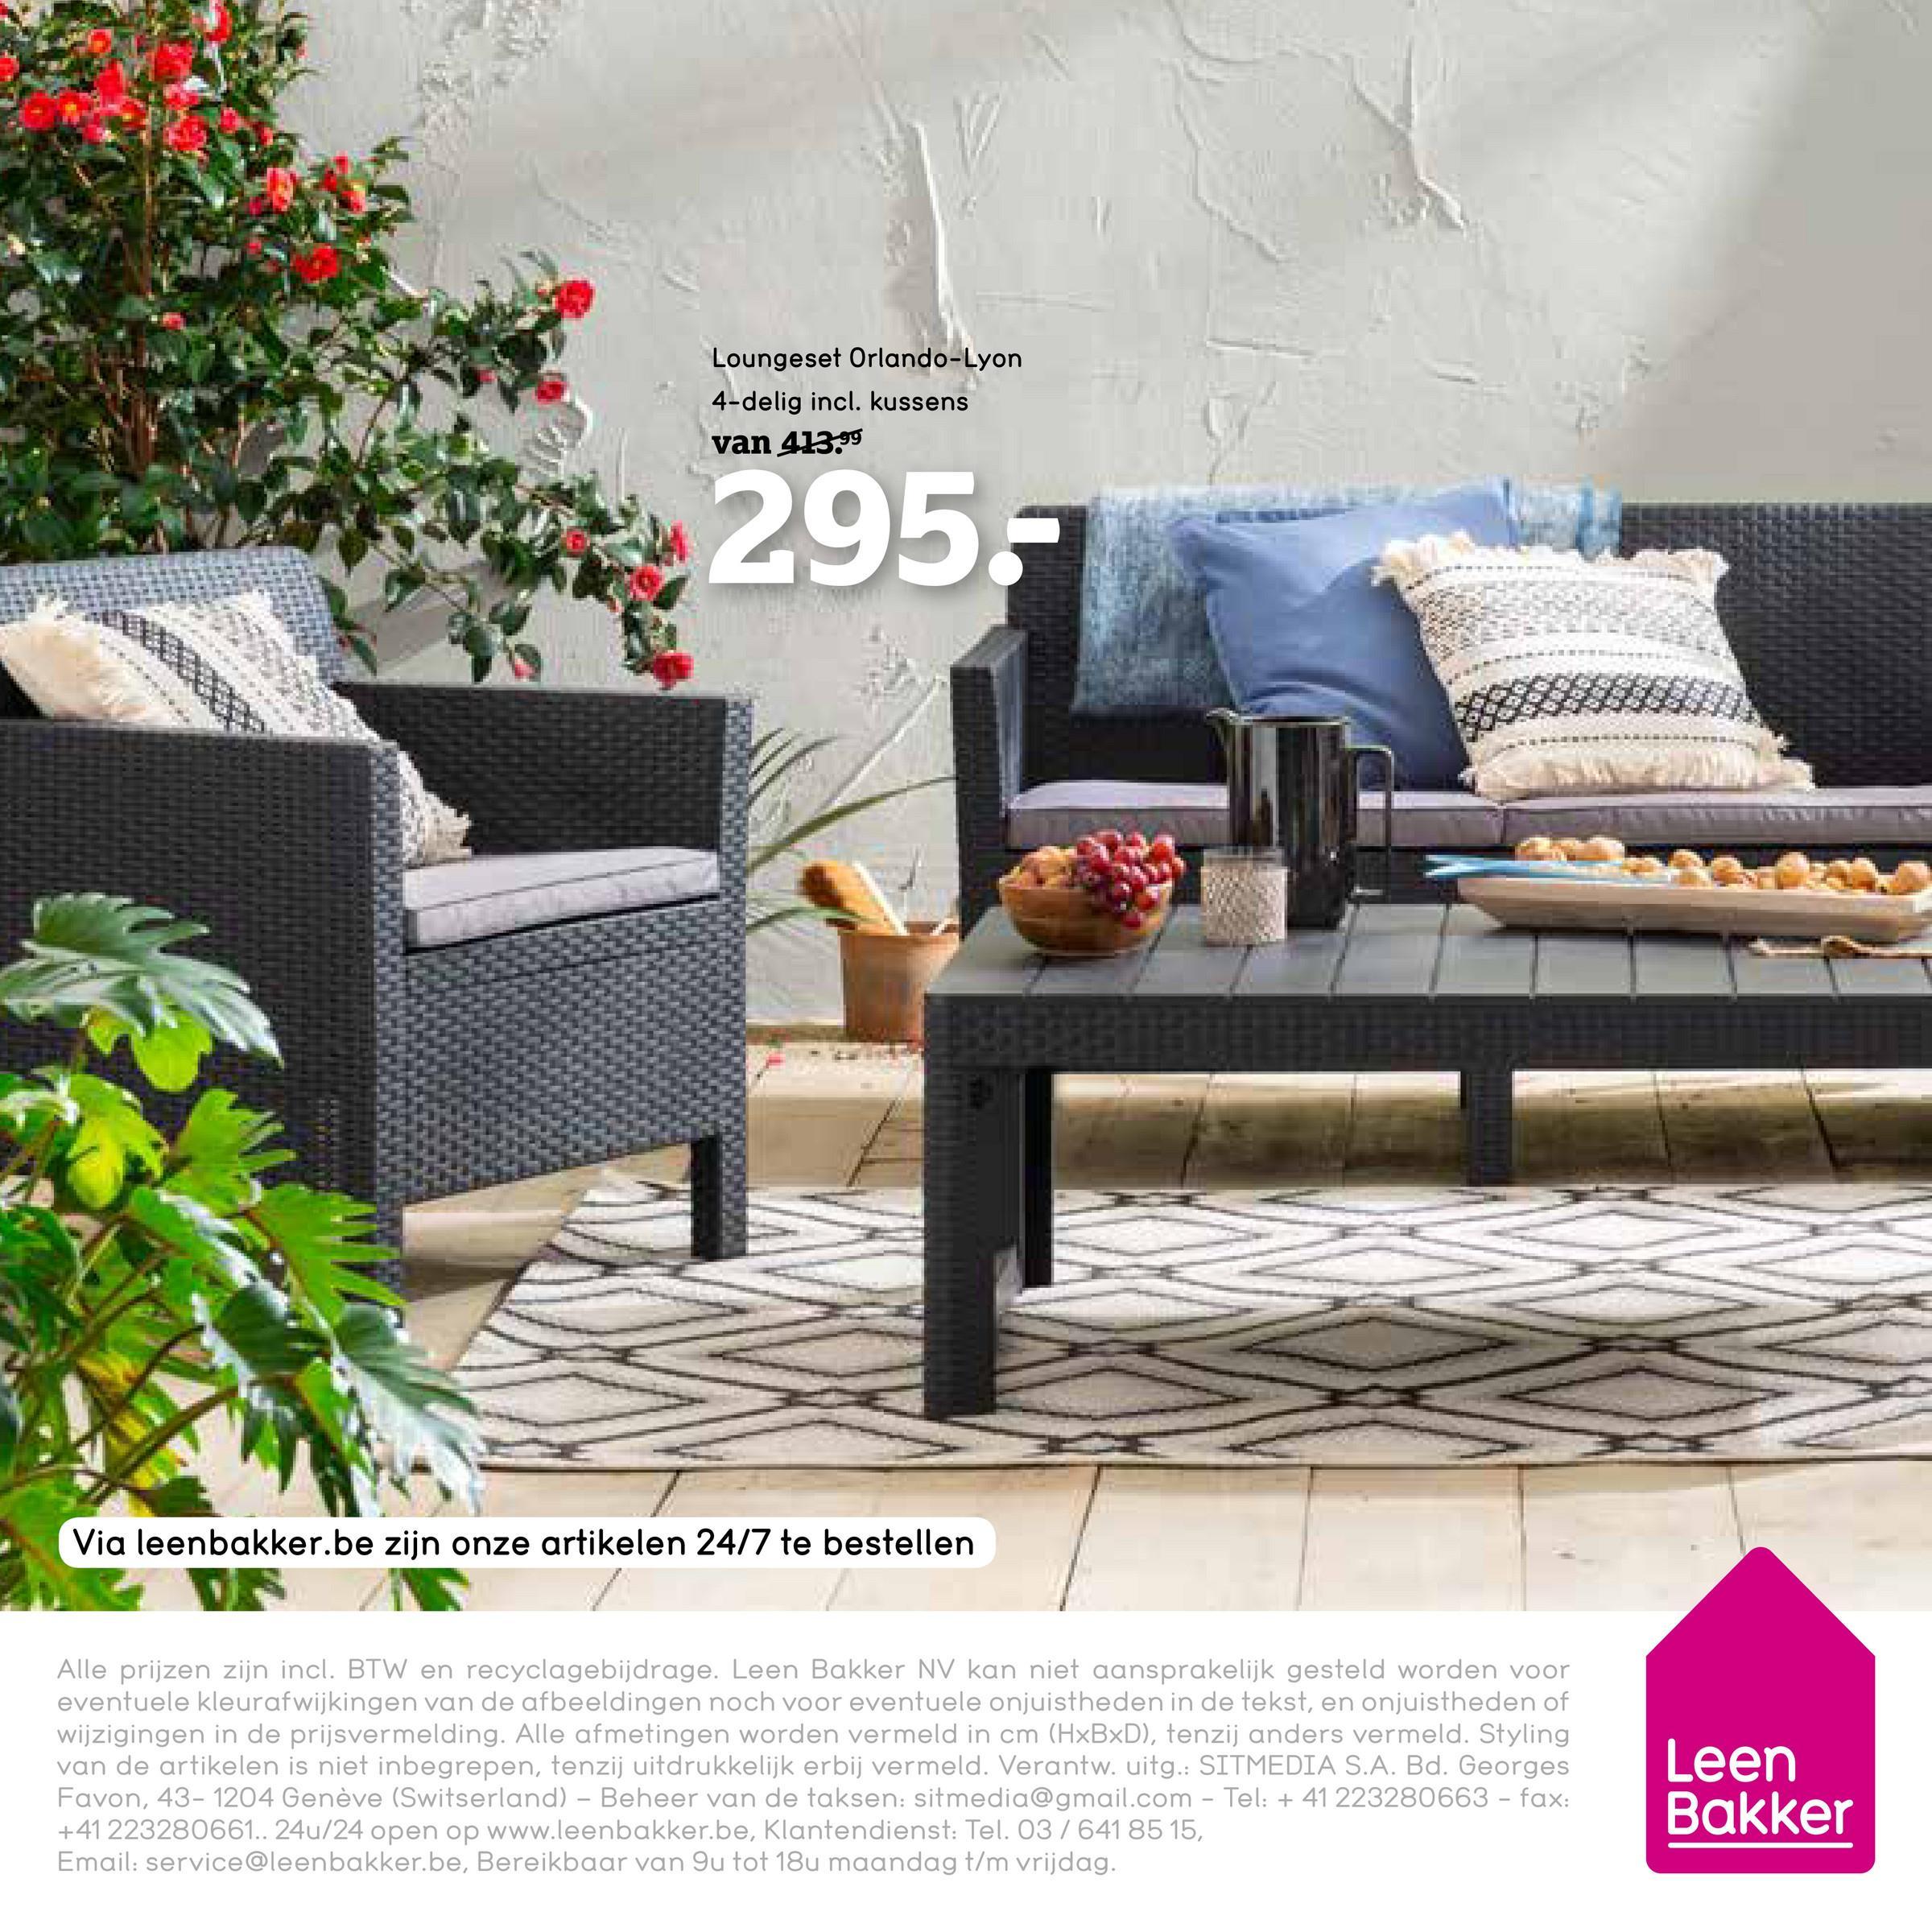 Loungeset Orlando Lyon - grijs - 4-delig - incl. kussens - Leen Bakker Deze loungeset is modern vormgegeven en heeft een stijlvolle look. Deze complete set bestaat uit 2 Verona fauteuils, een zetel en een tafel Lyon. De kussens worden meegeleverd.